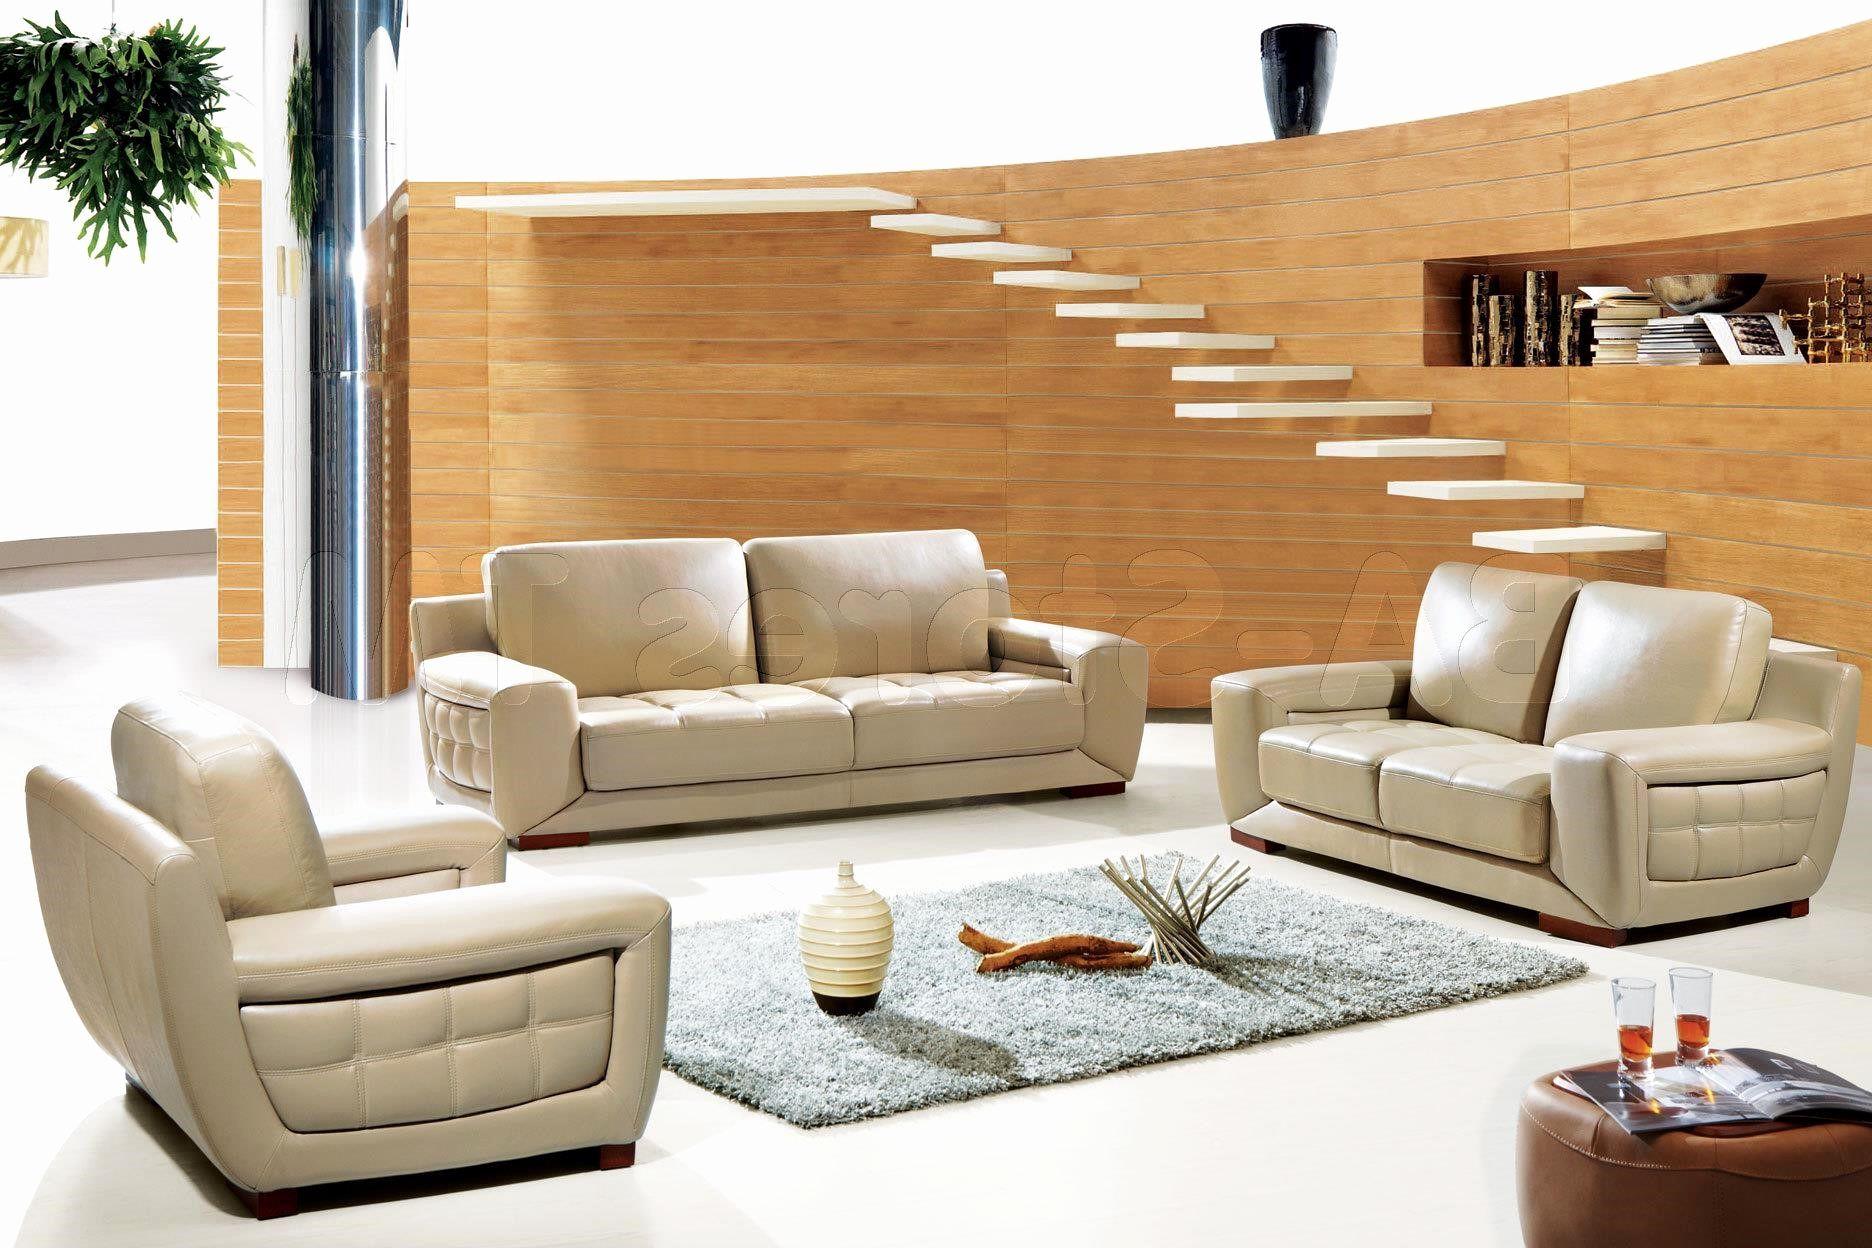 Best Of Home sofa Set Designs Shot Home sofa Set Designs Best Of Hall Furniture Design with sofa Set Home Intercine & Best Of Home sofa Set Designs Shot Home sofa Set Designs Best Of ...